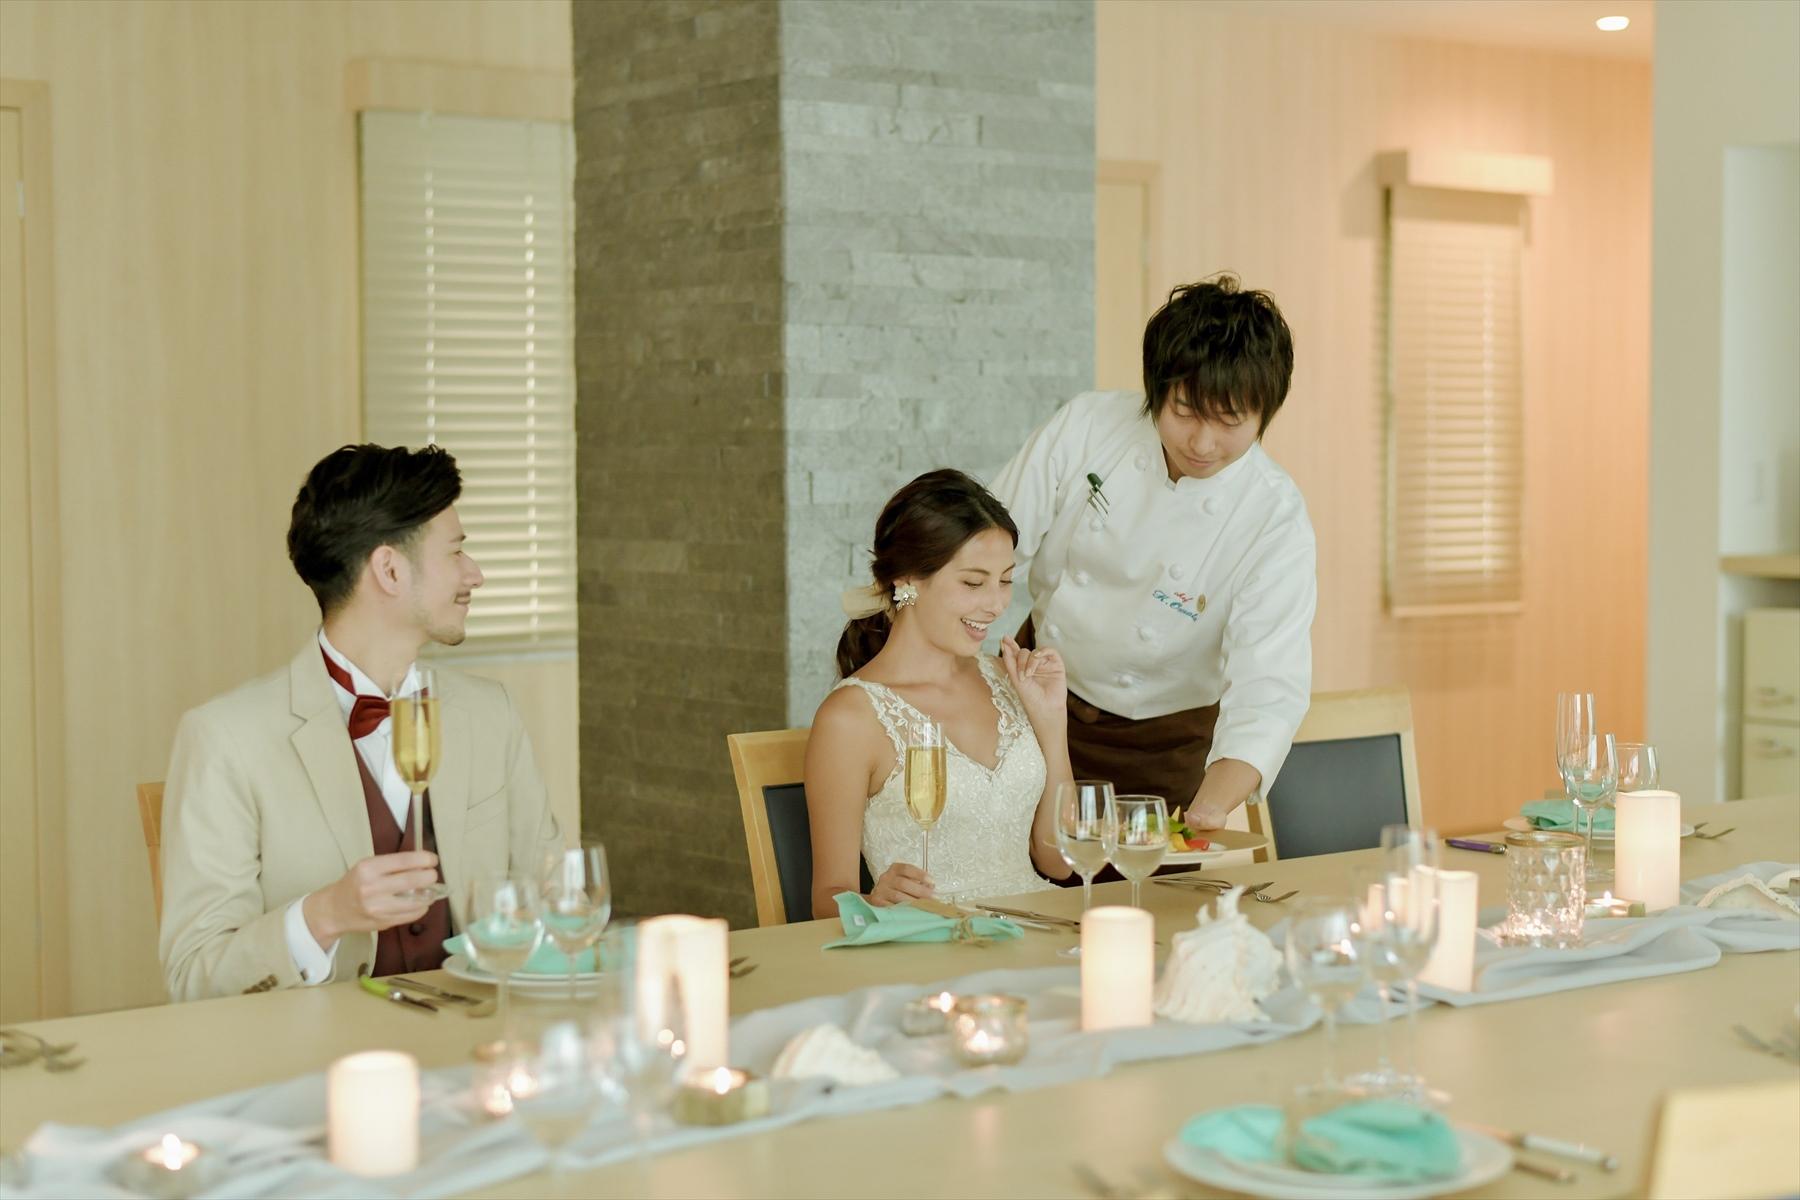 静岡レセプションパーティー 静岡県結婚披露宴 邸宅パーティー